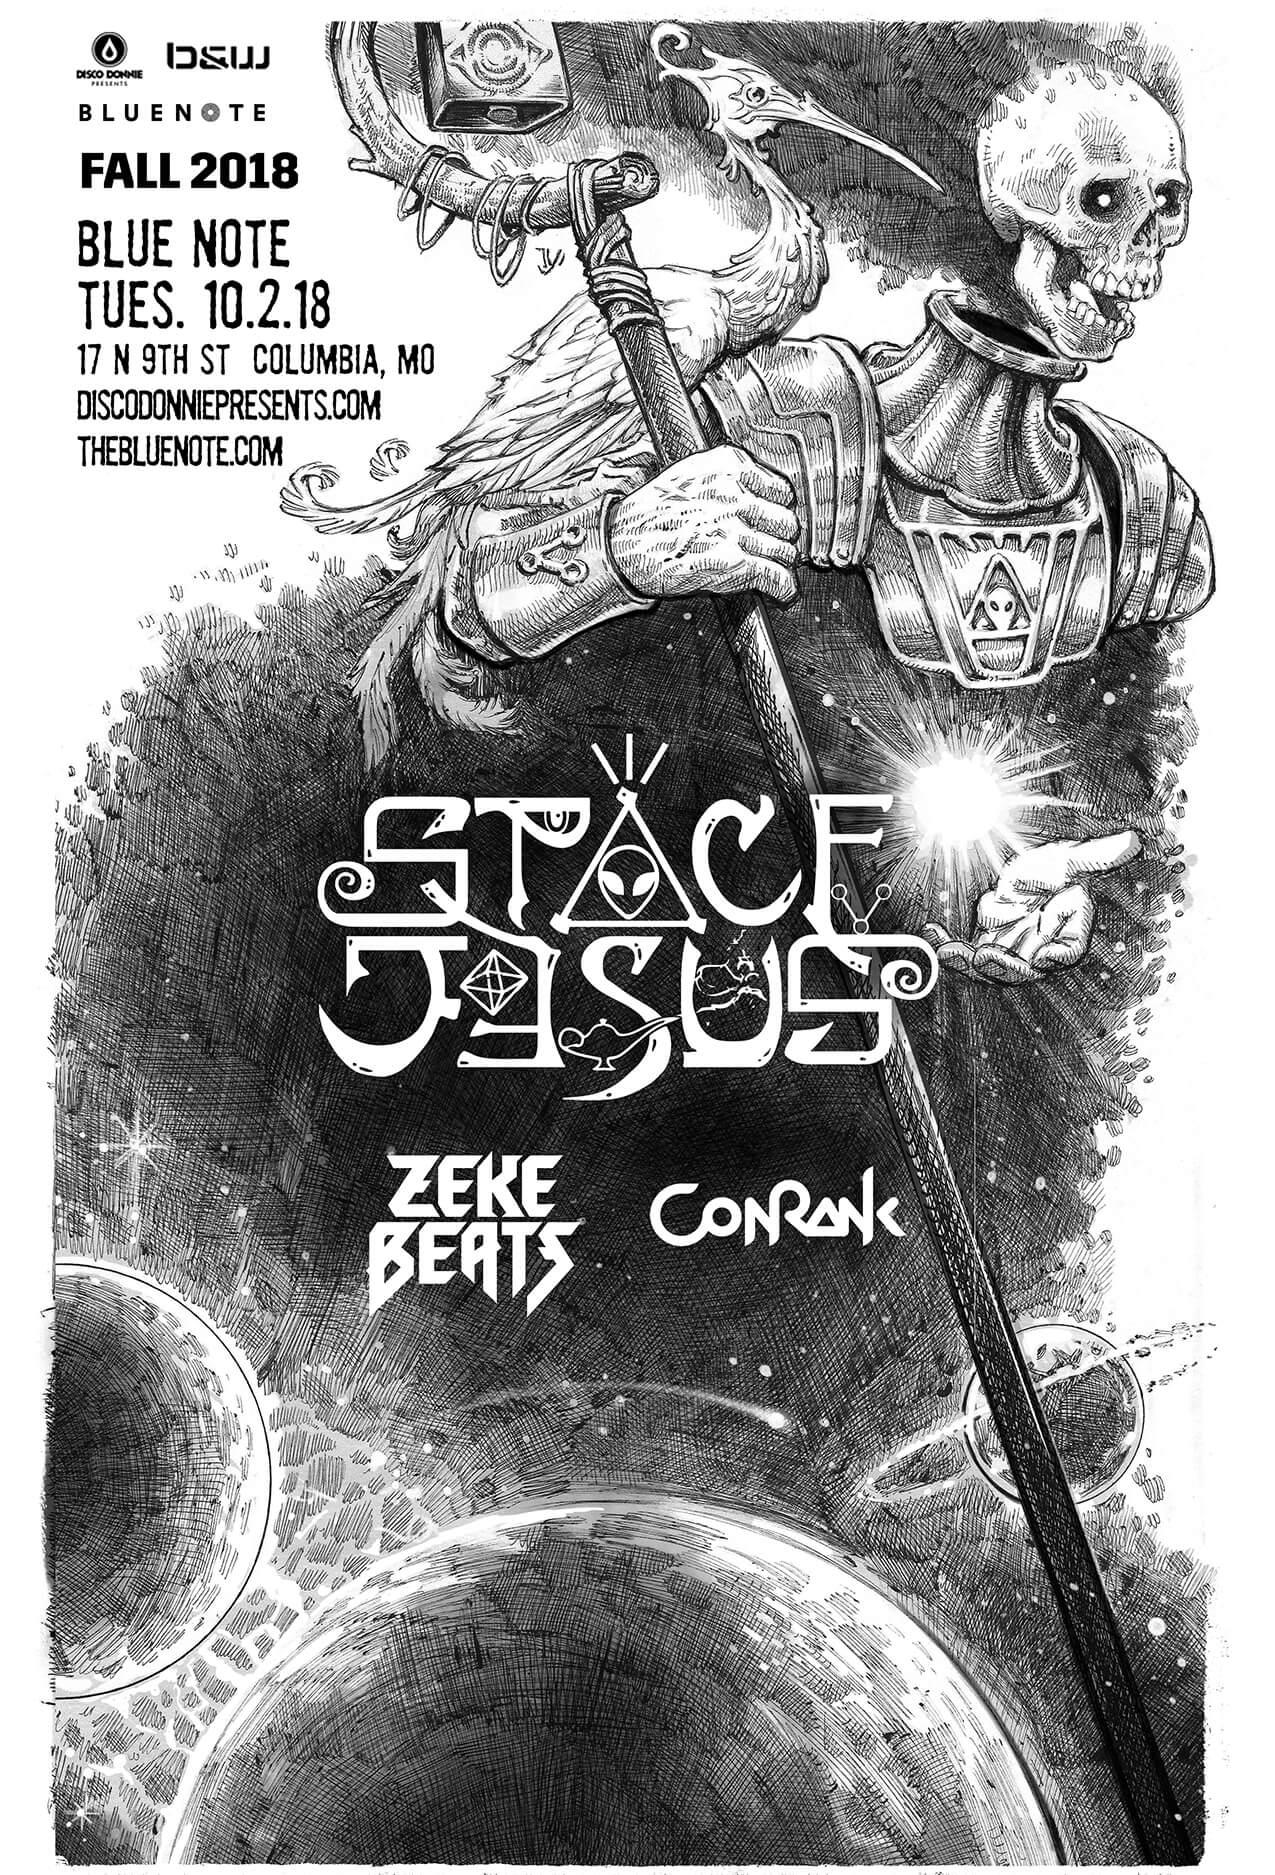 Space Jesus, Zeke Beats, Conrank in Columbia